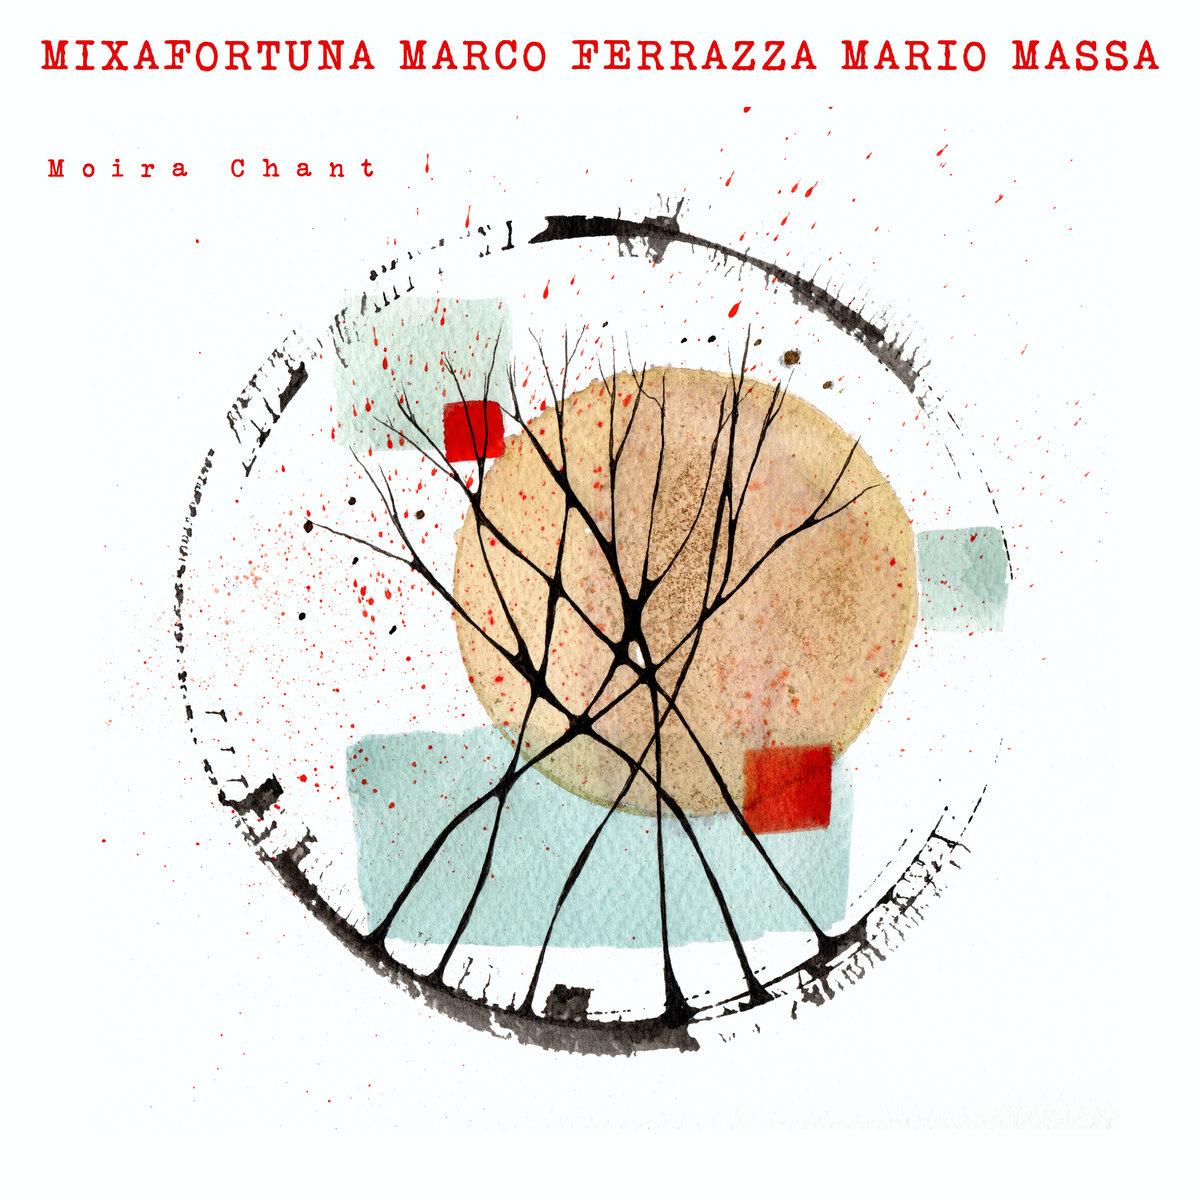 Mixa Fortuna - Marco Ferrazza - Mario Massa - Fortuna-Ferrazza-Massa - Moira Chant - Supranu Records - Bandcamp - ascolti - album - 2021 - Sa Scena - 18 febbraio 2021 - 8 marzo 2021